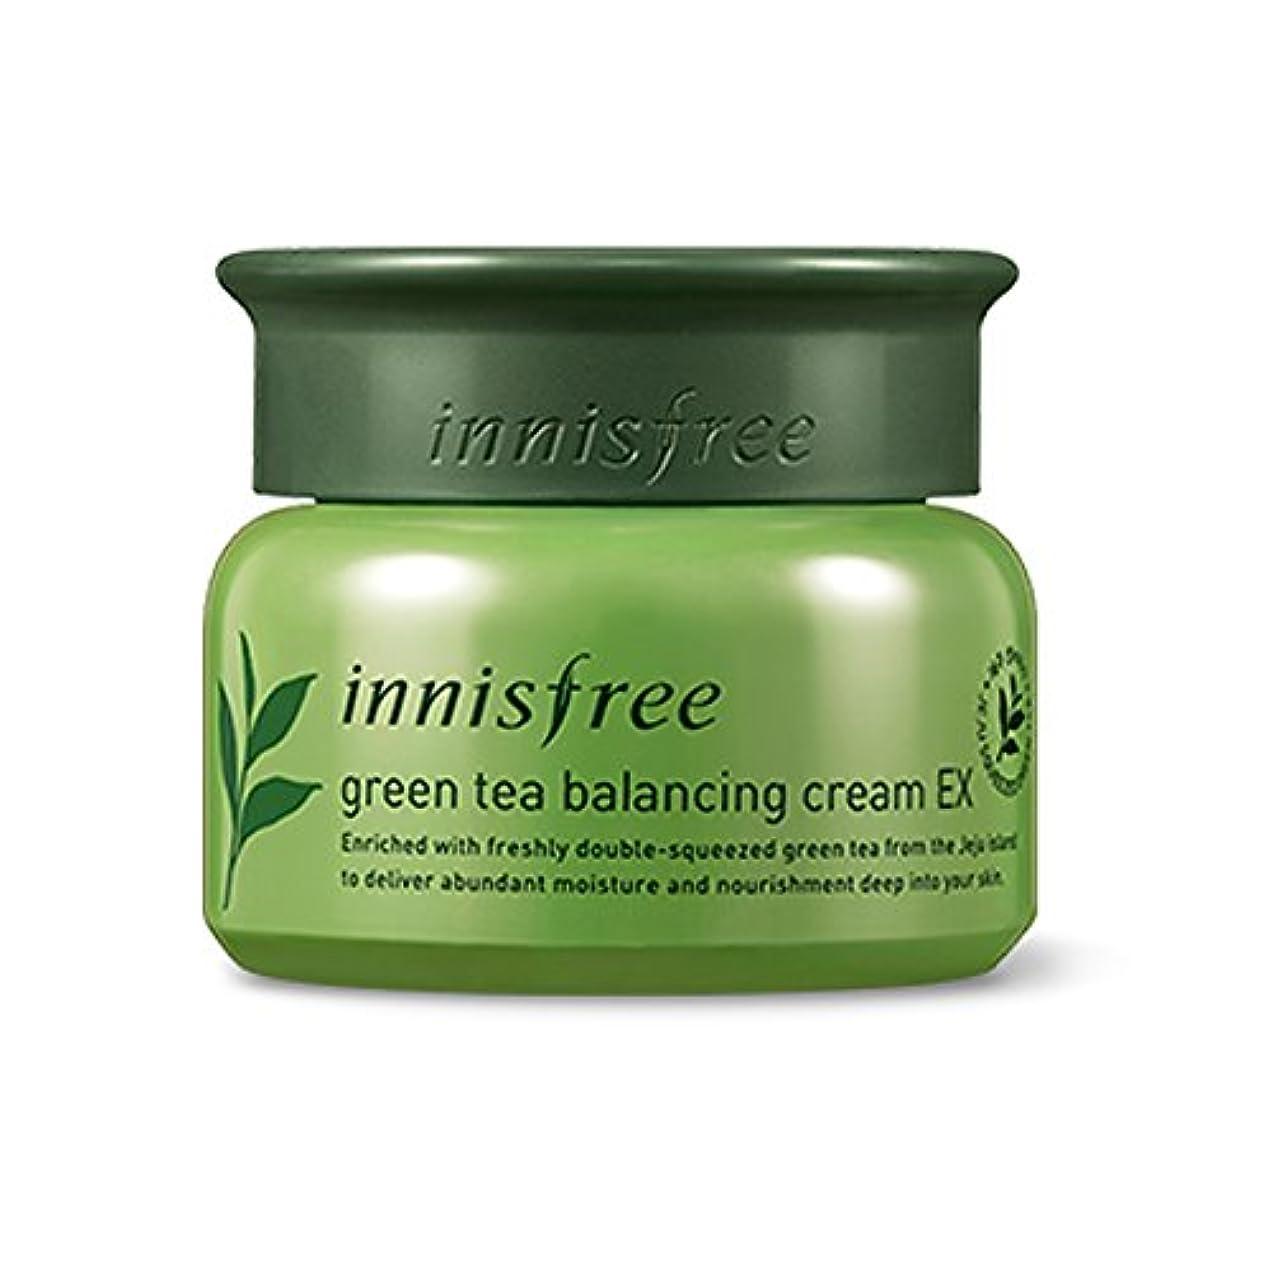 オーナー物足りない散文イニスフリーグリーンティーバランスクリーム50ml「2018新製品」 Innisfree Green Tea Balancing Cream 50ml